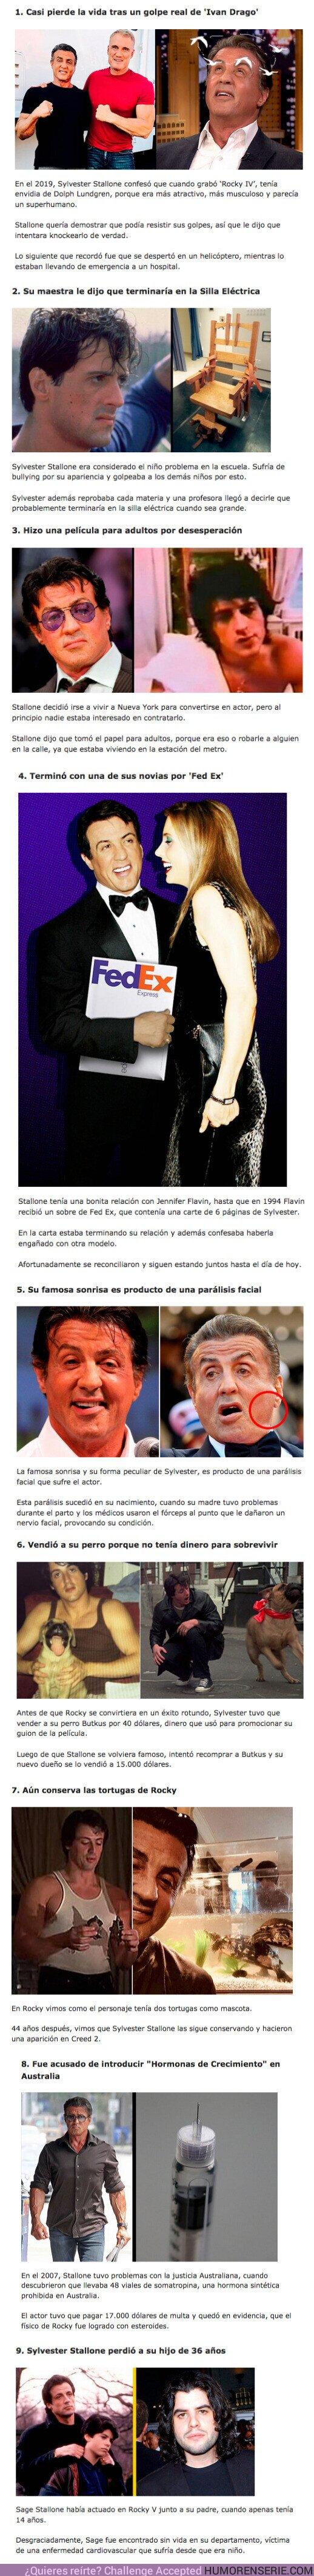 72765 - GALERÍA: 9 Historias tristes que sufrió Sylvester Stallone a lo largo de su vida